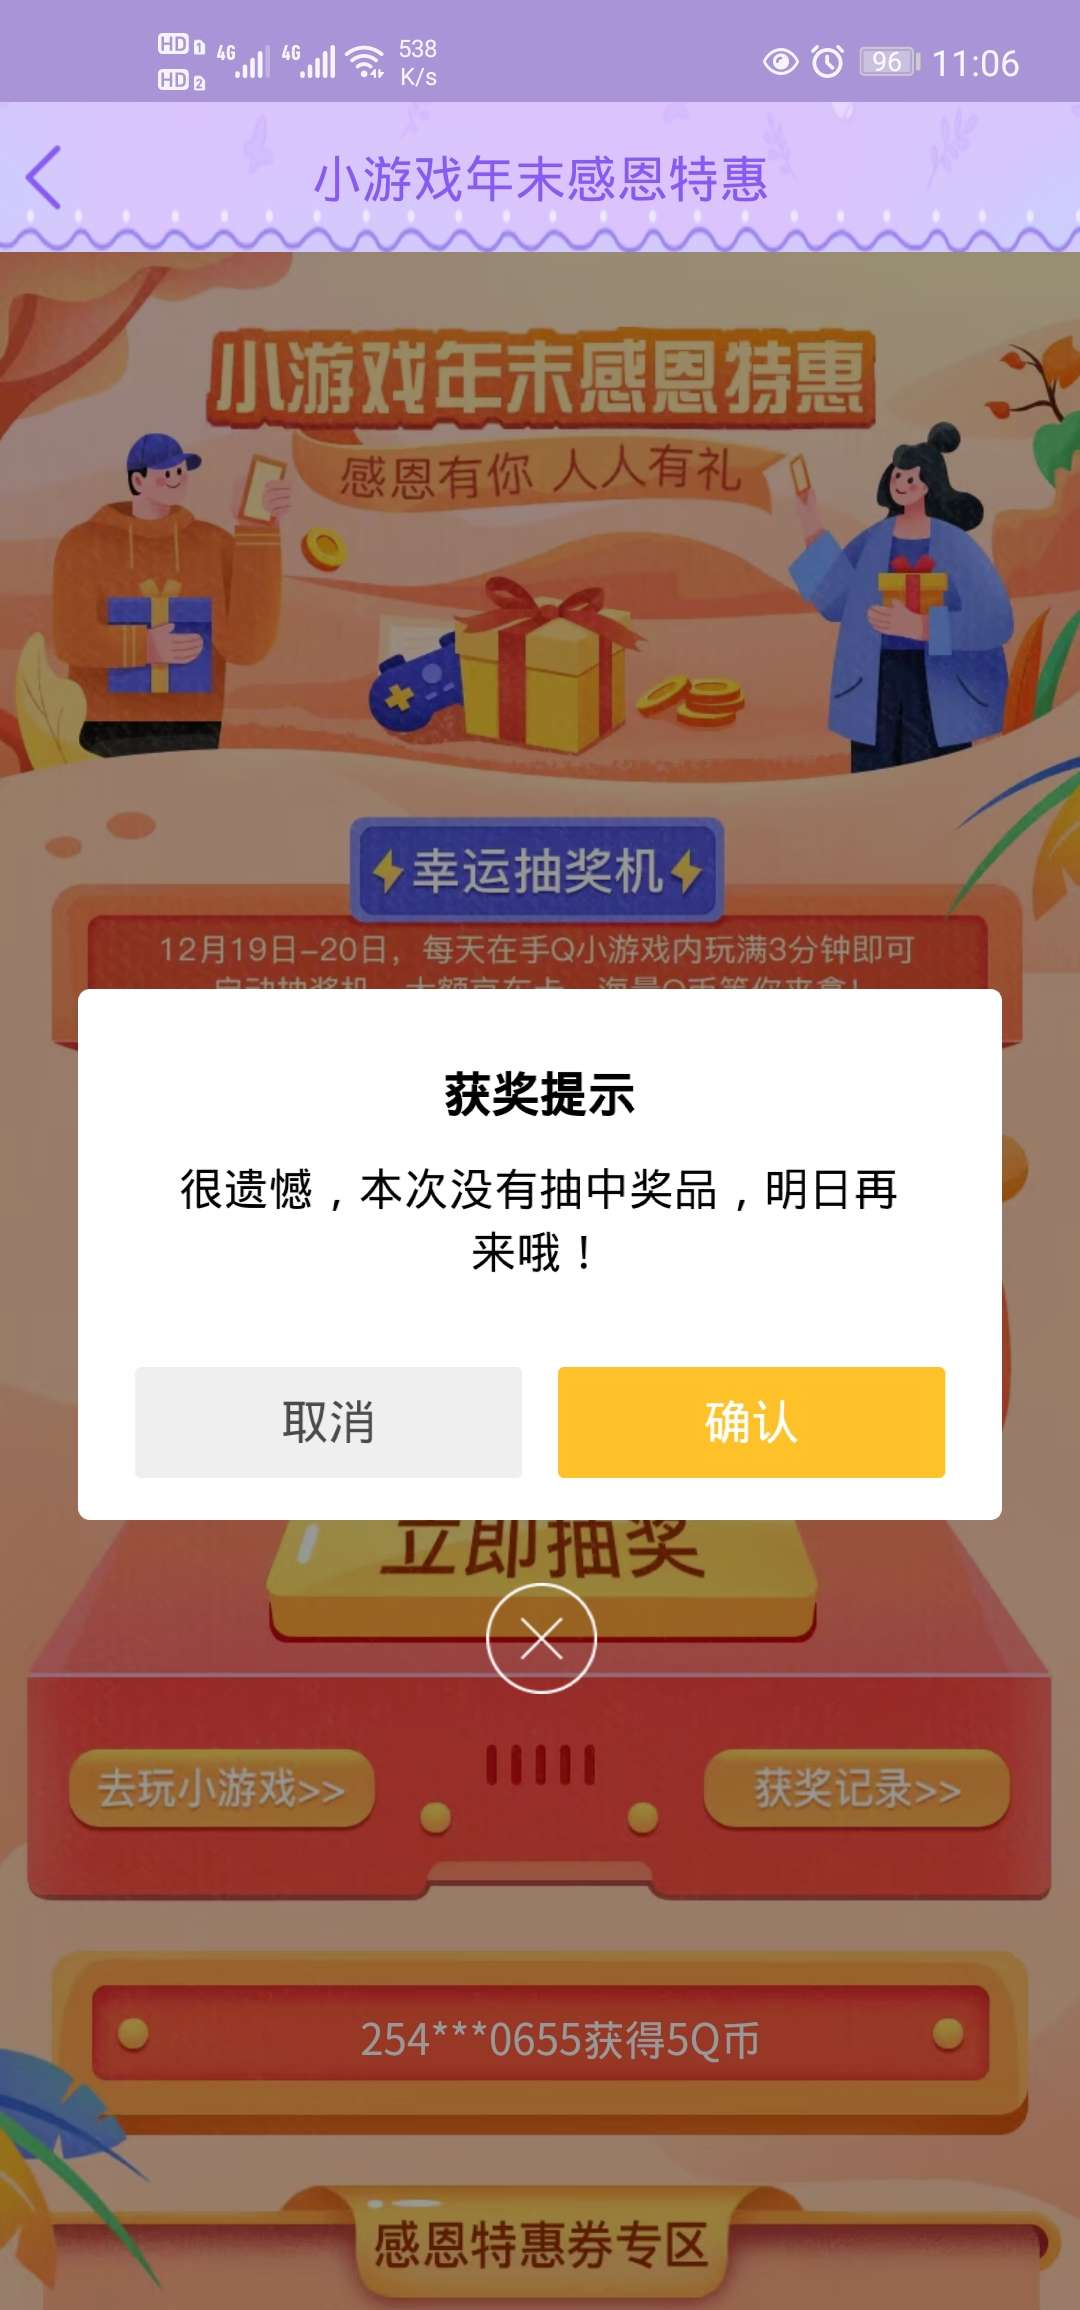 图片[2]-QQ小游戏抽Q币奖励-老友薅羊毛活动线报网